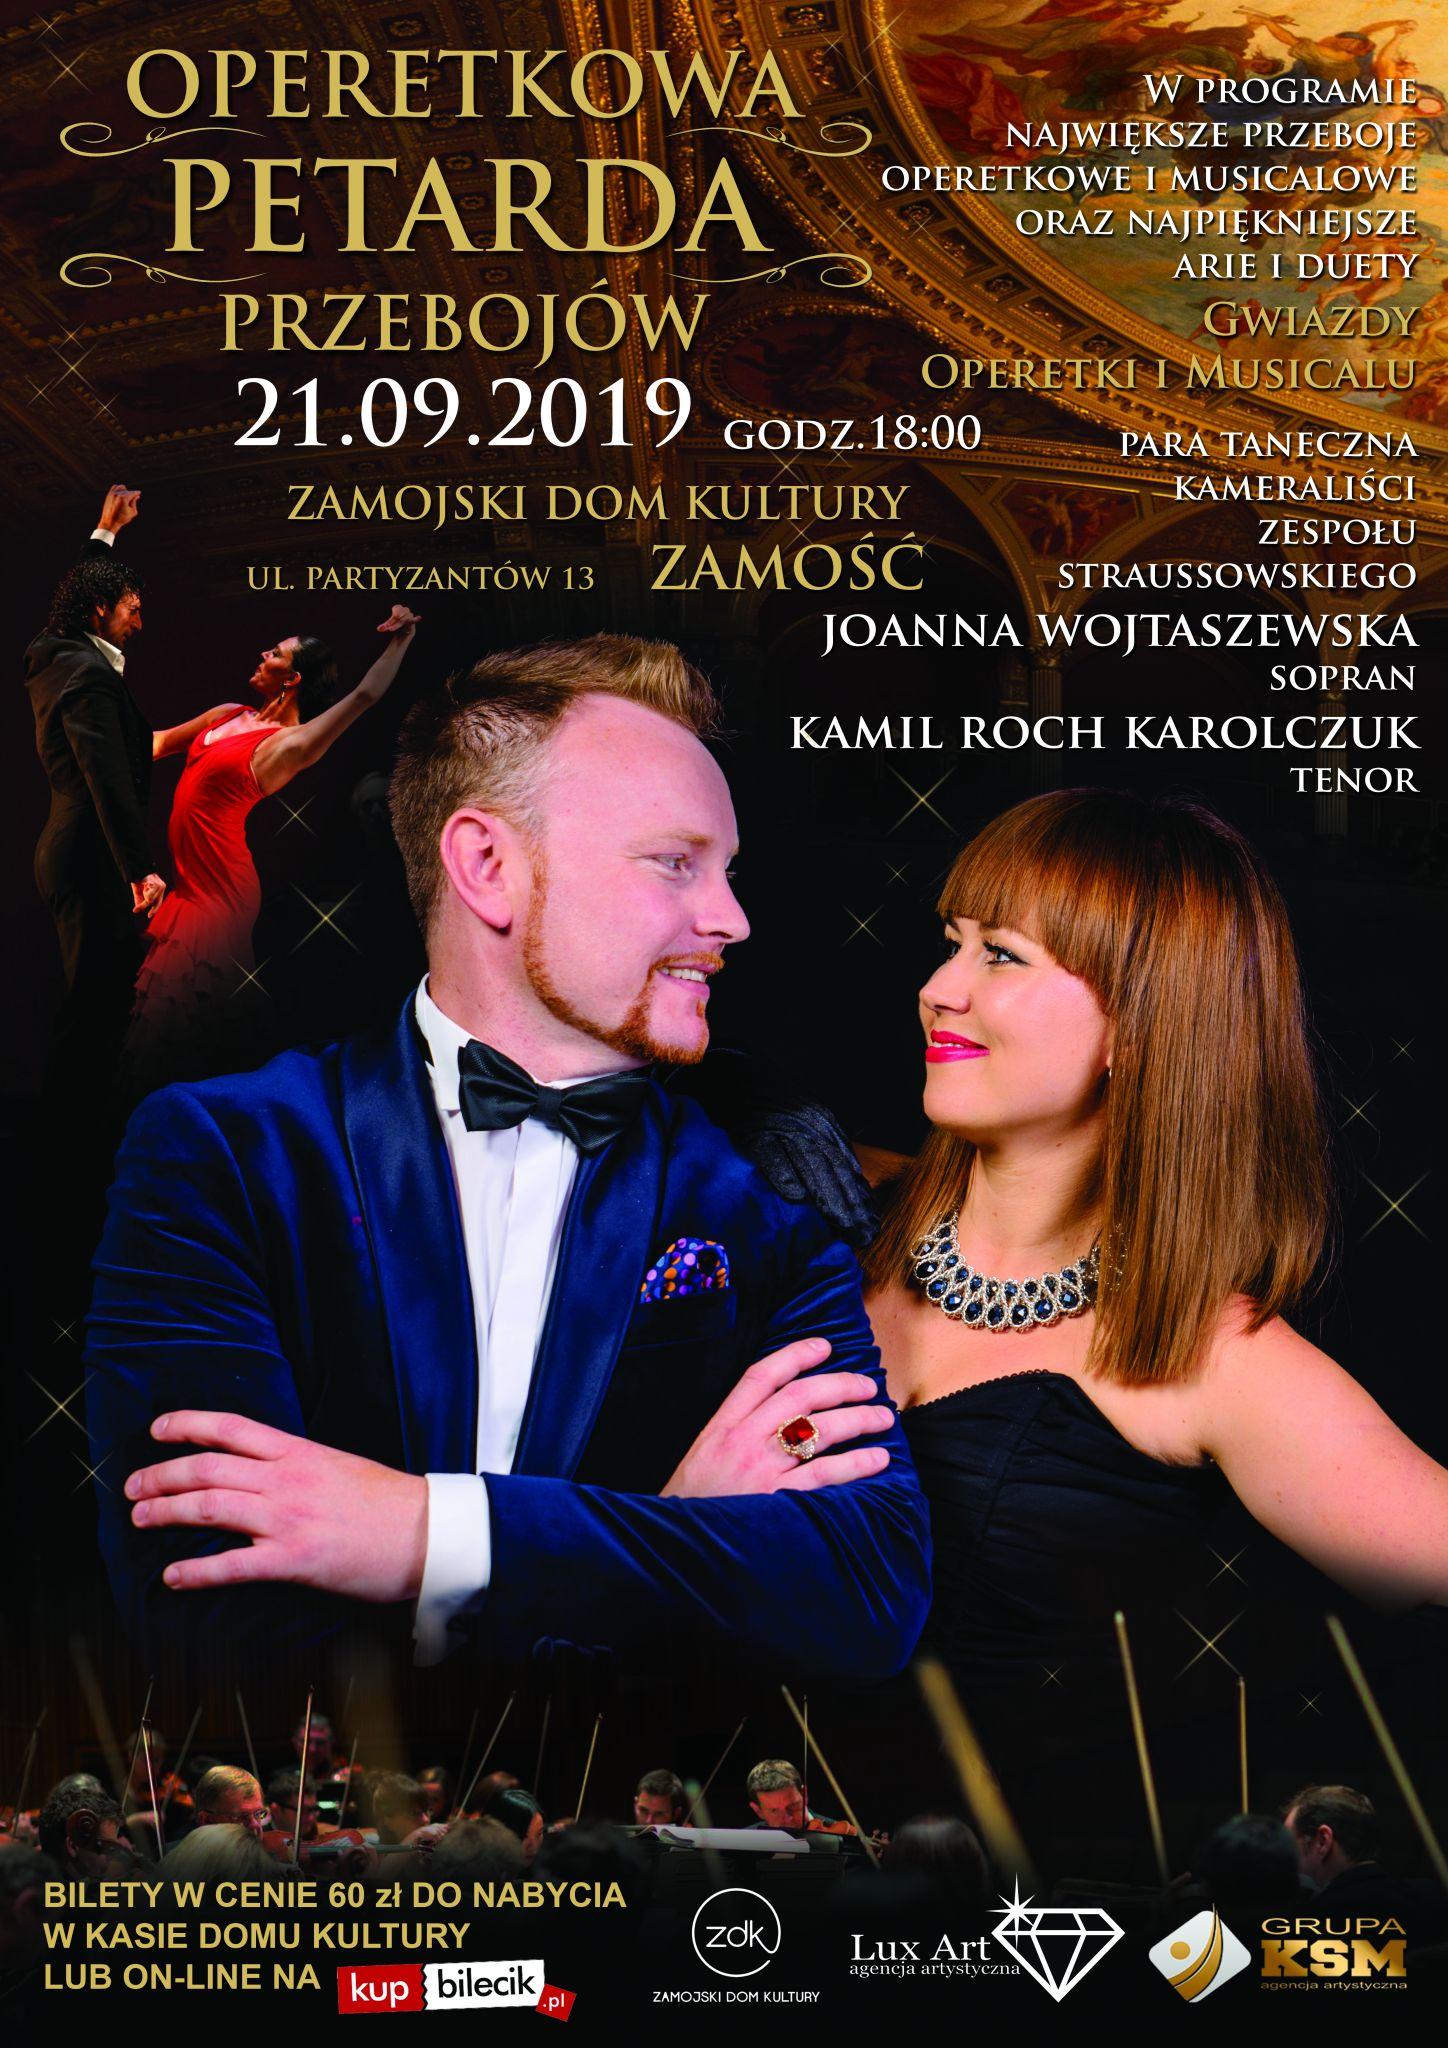 00116 petarda zamosc 2019 06 03 1 Najgorętsza para operetkowa w Polsce zaśpiewa w Zamościu!